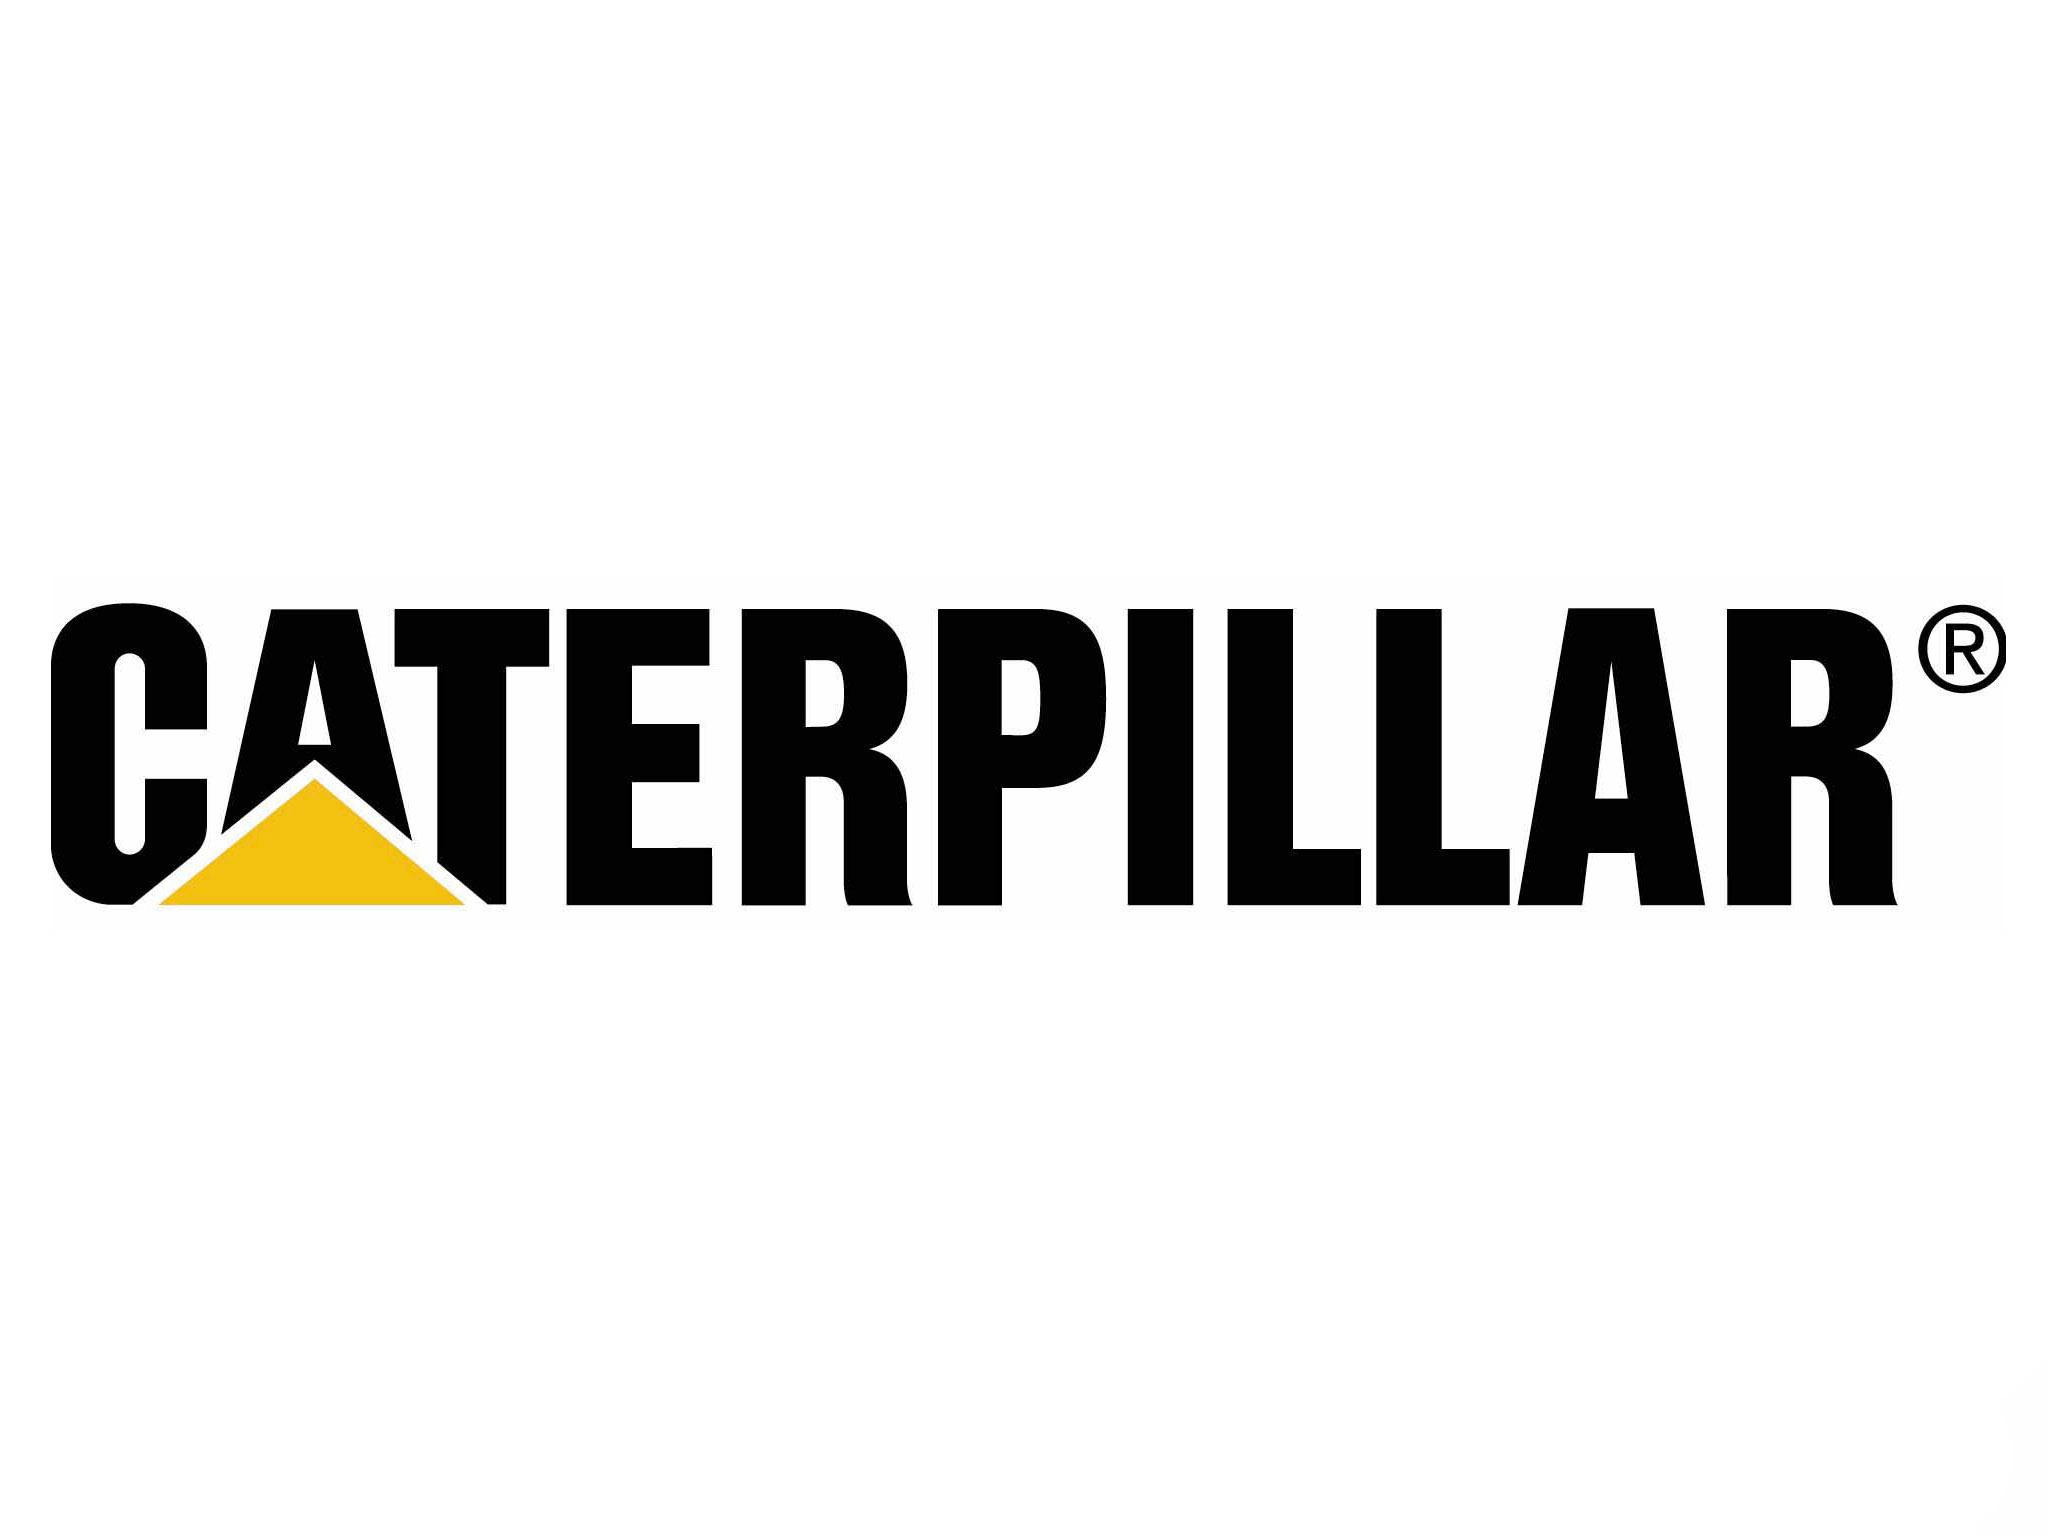 Caterpillar HD wallpapers, Desktop wallpaper - most viewed